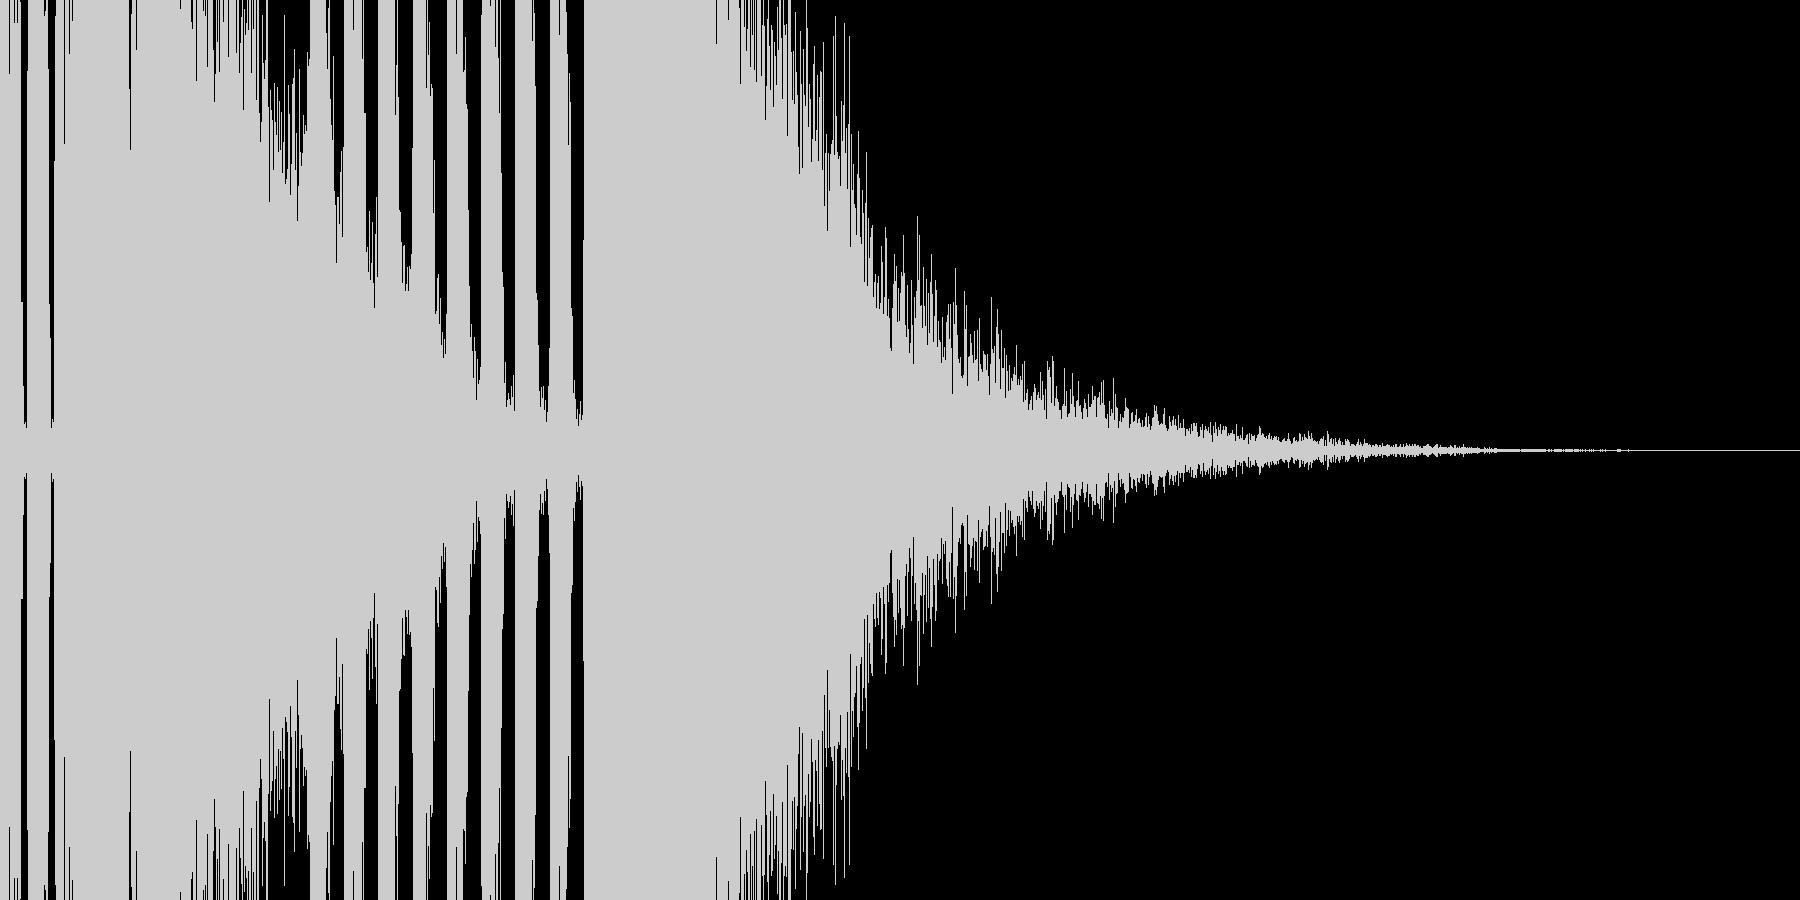 王道のパチンコSEの未再生の波形